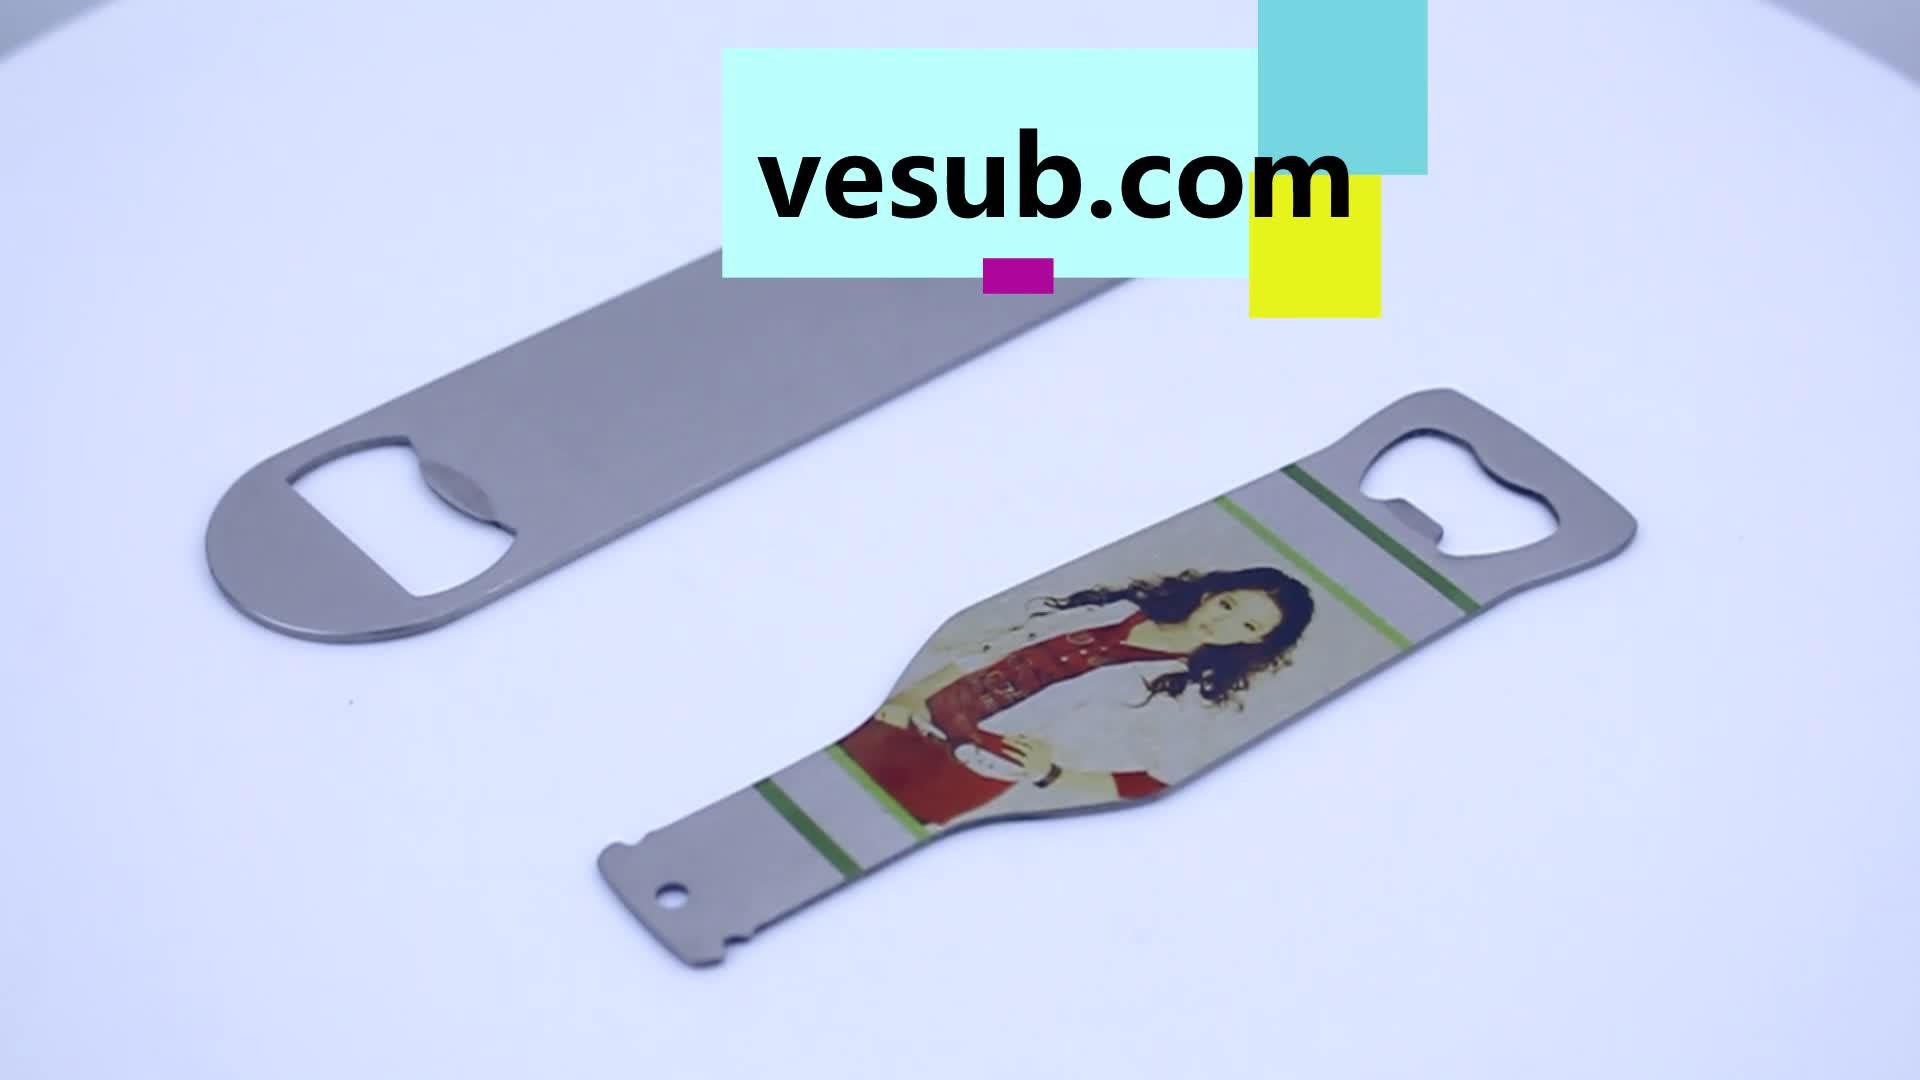 De acero inoxidable del abrelatas de botella barra cuchilla grabado personalizado y tecnología láser